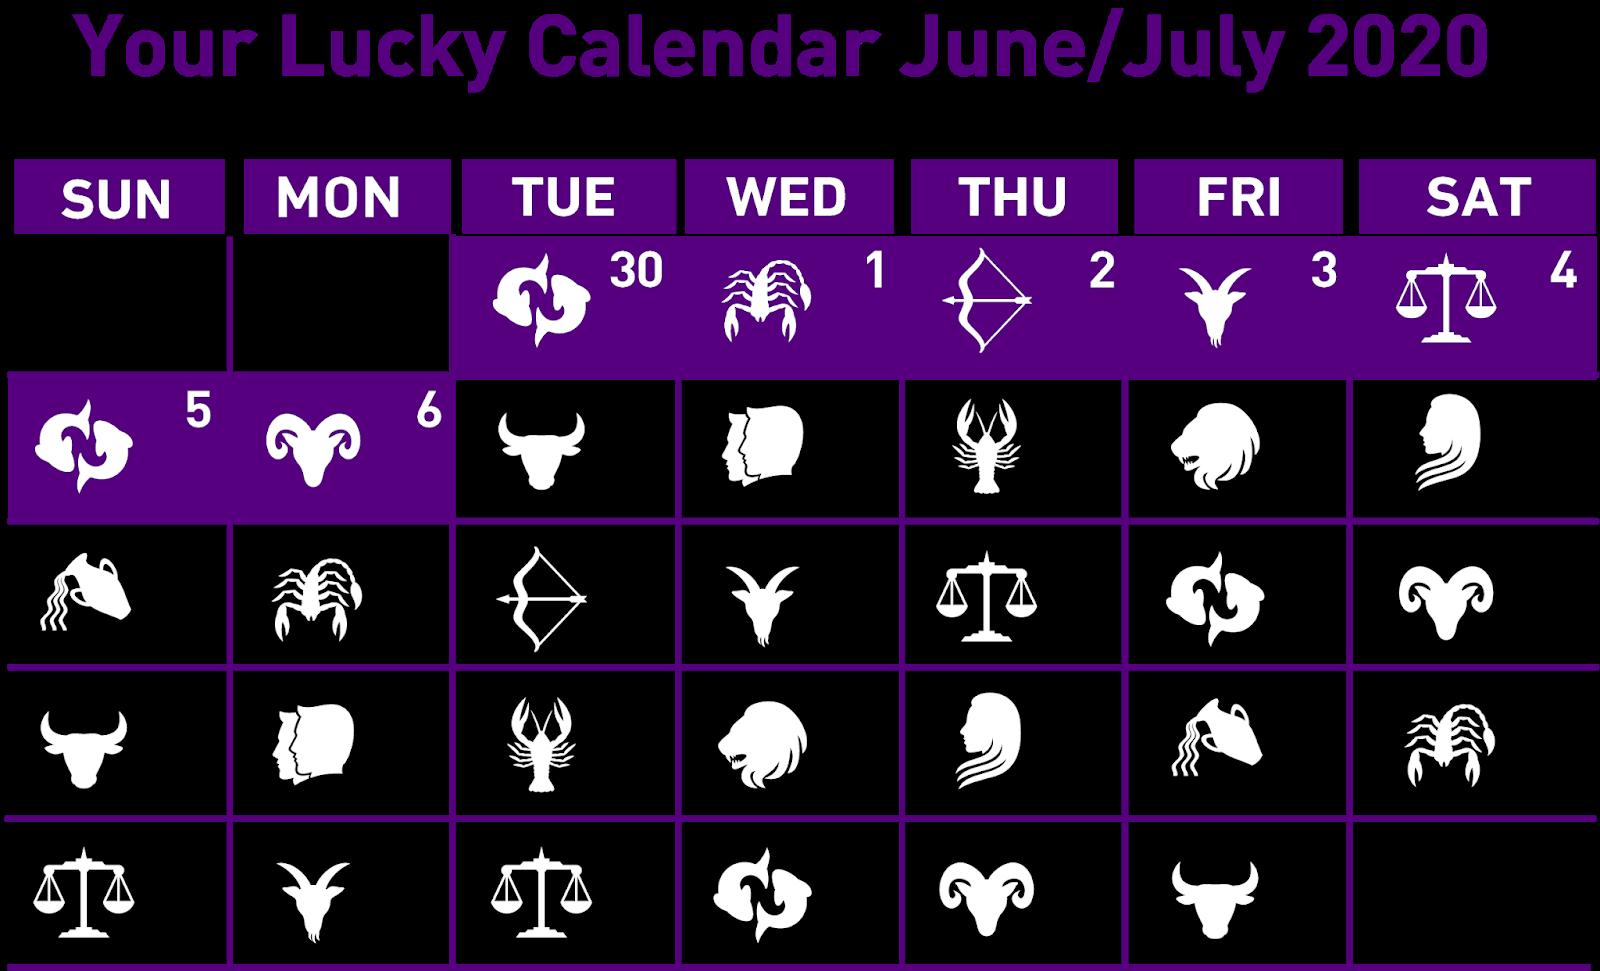 30 June - 6 July 2020